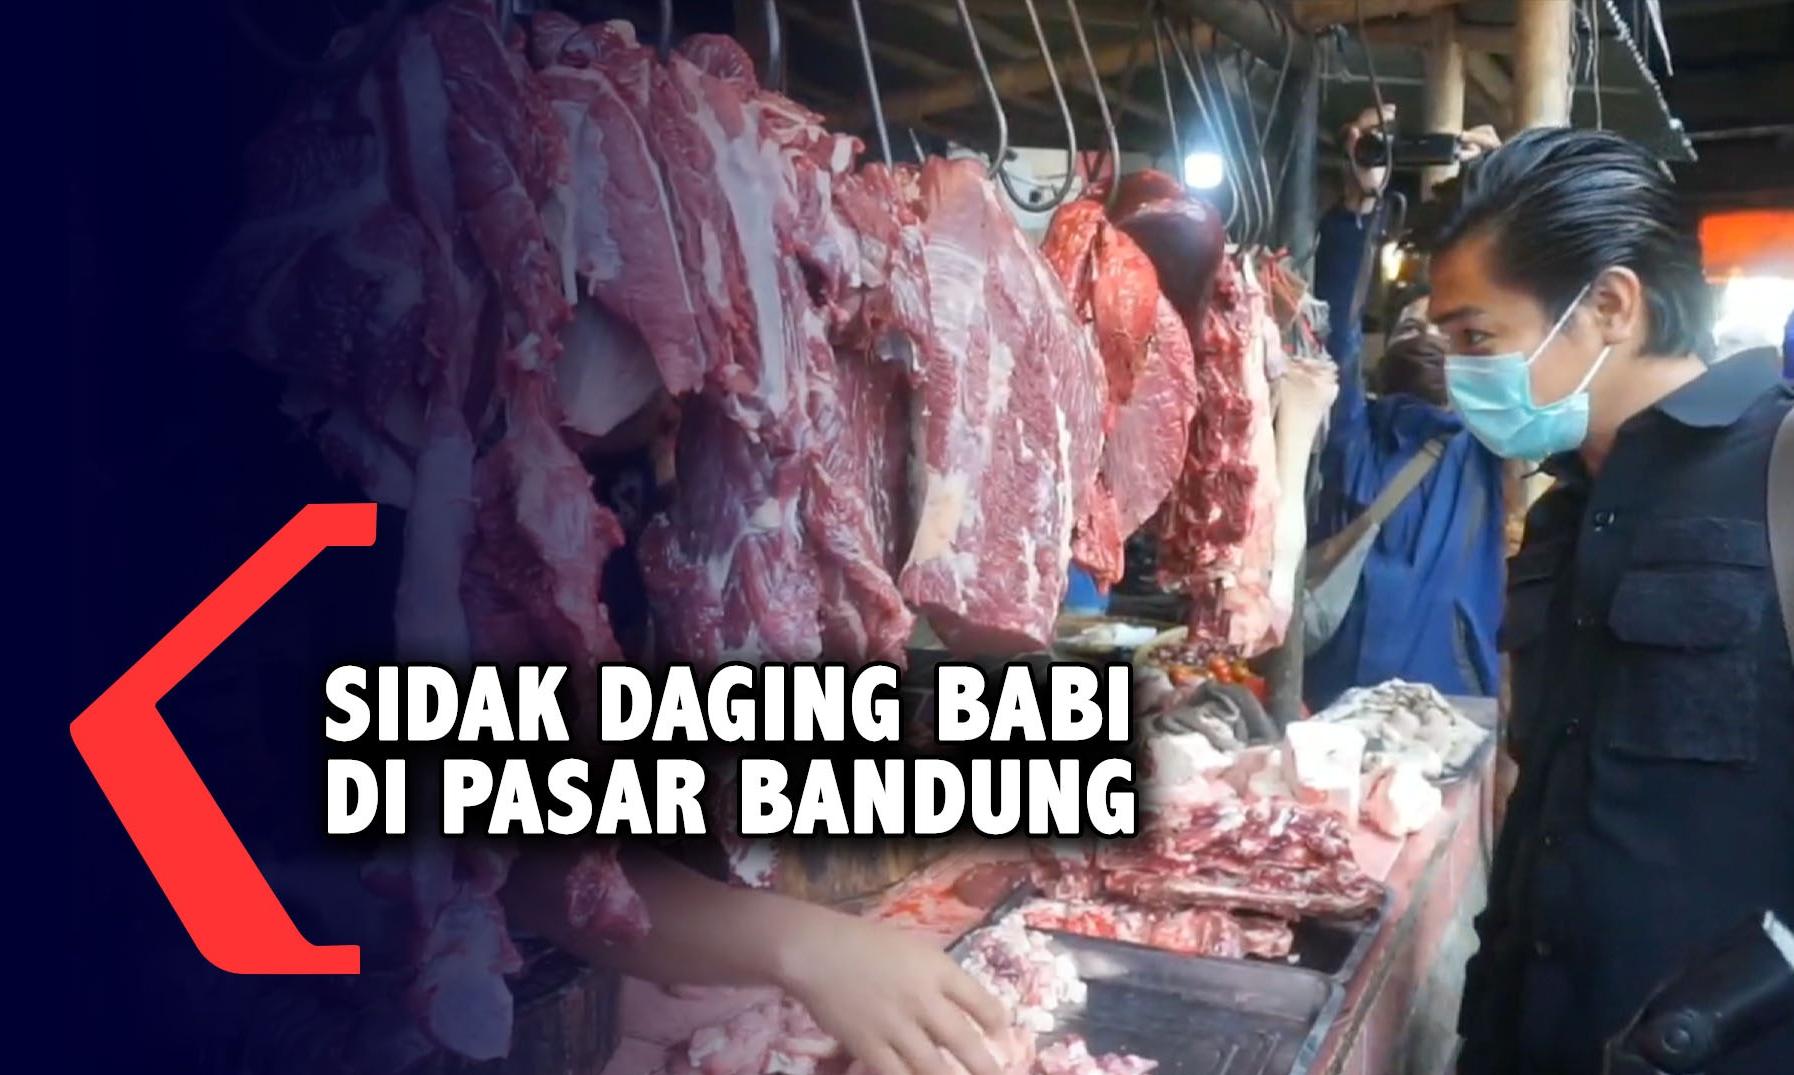 heboh-peredaran-daging-babi-di-bandung-polisi-sidak-pasar